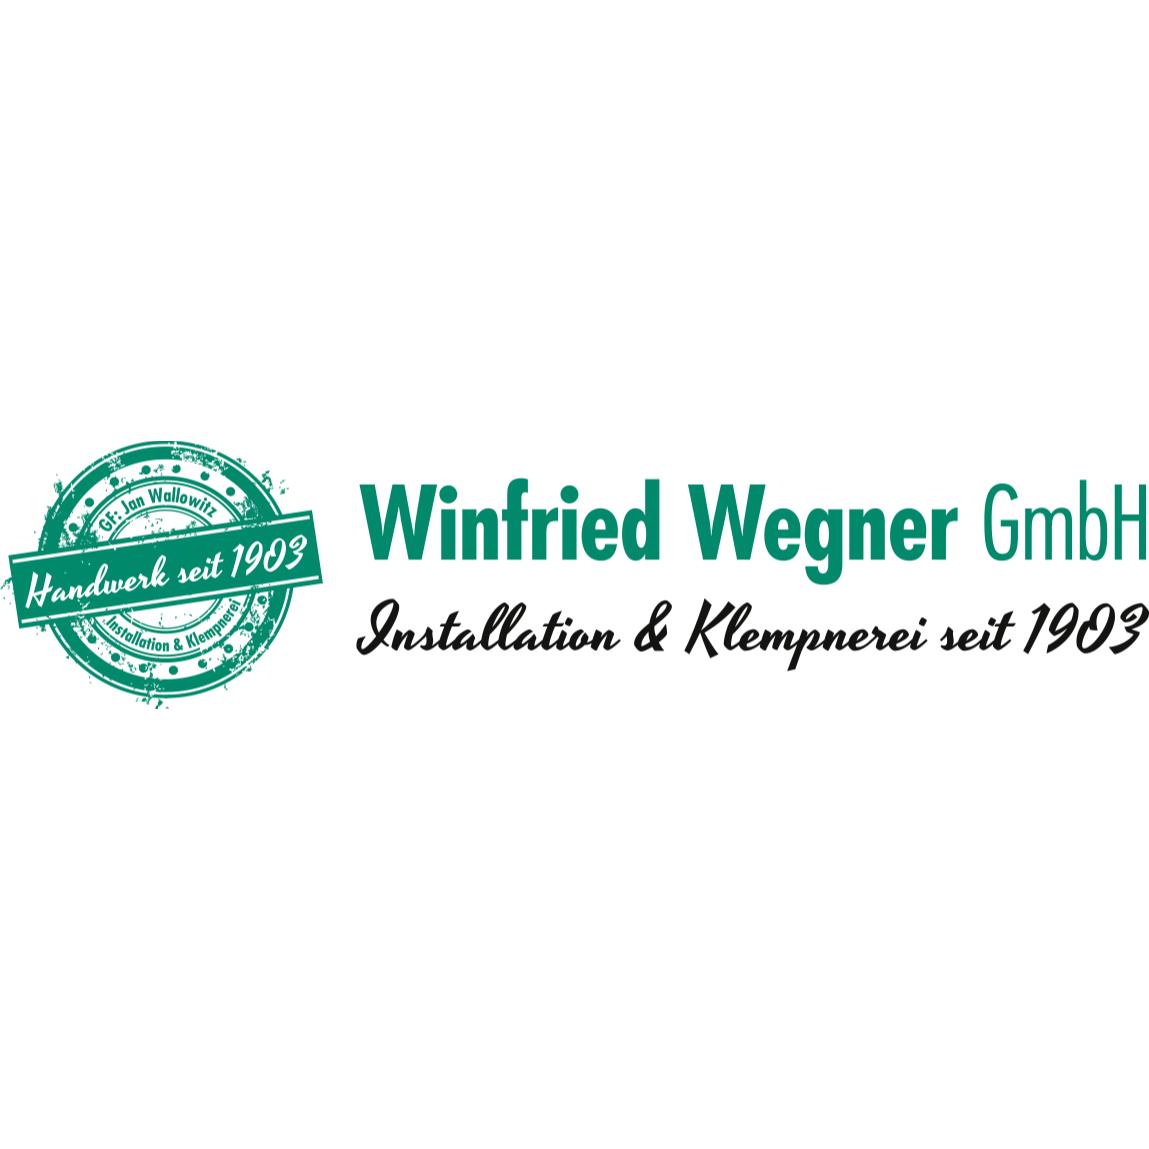 Bild zu Winfried Wegner GmbH Installation & Klempnerei in Wentorf bei Hamburg